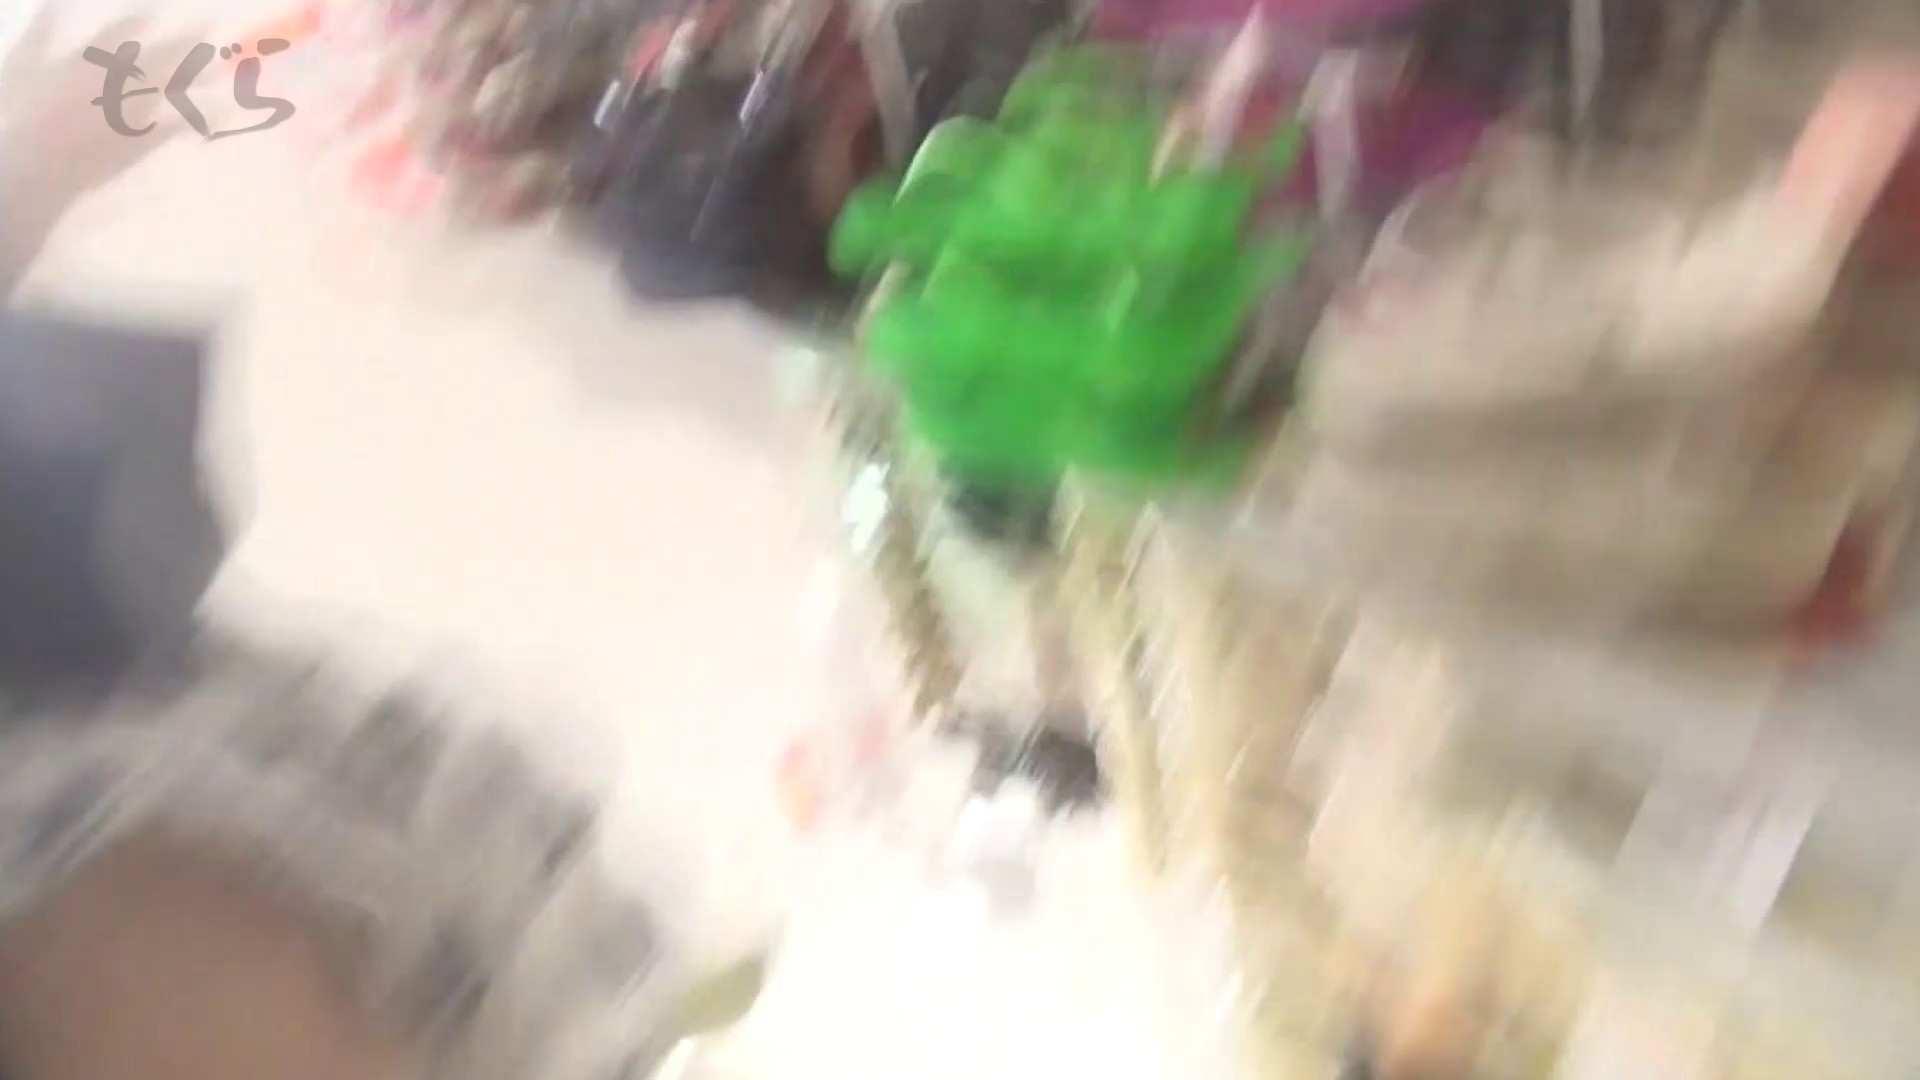 隣からNo33 夏ですっ!!青の涼しげ縦じまワンピ 高画質 オメコ無修正動画無料 67画像 53